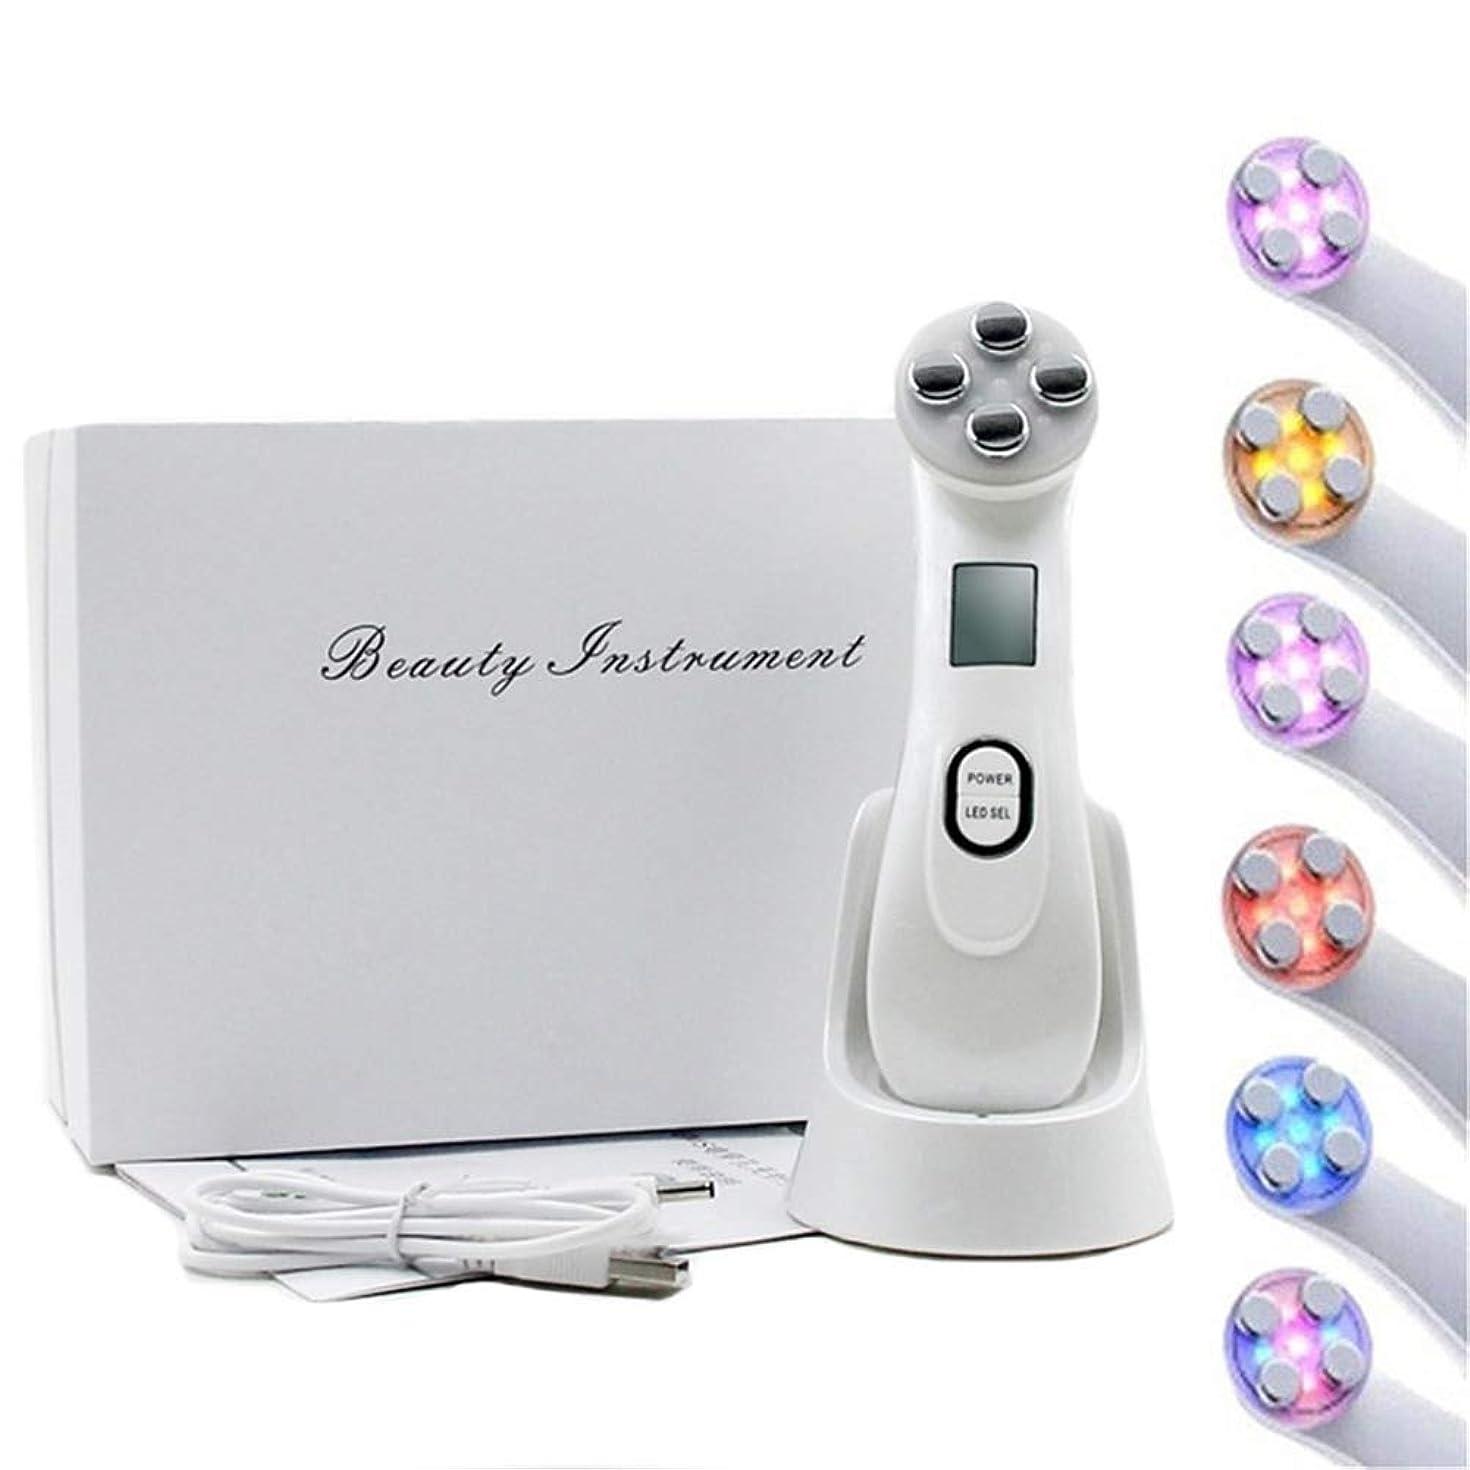 コーナー記念置くためにパック顔の皮膚EMS医療電気RF無線周波数無線周波数顔のスキンケア機器顔のリフティング引き締め美容機